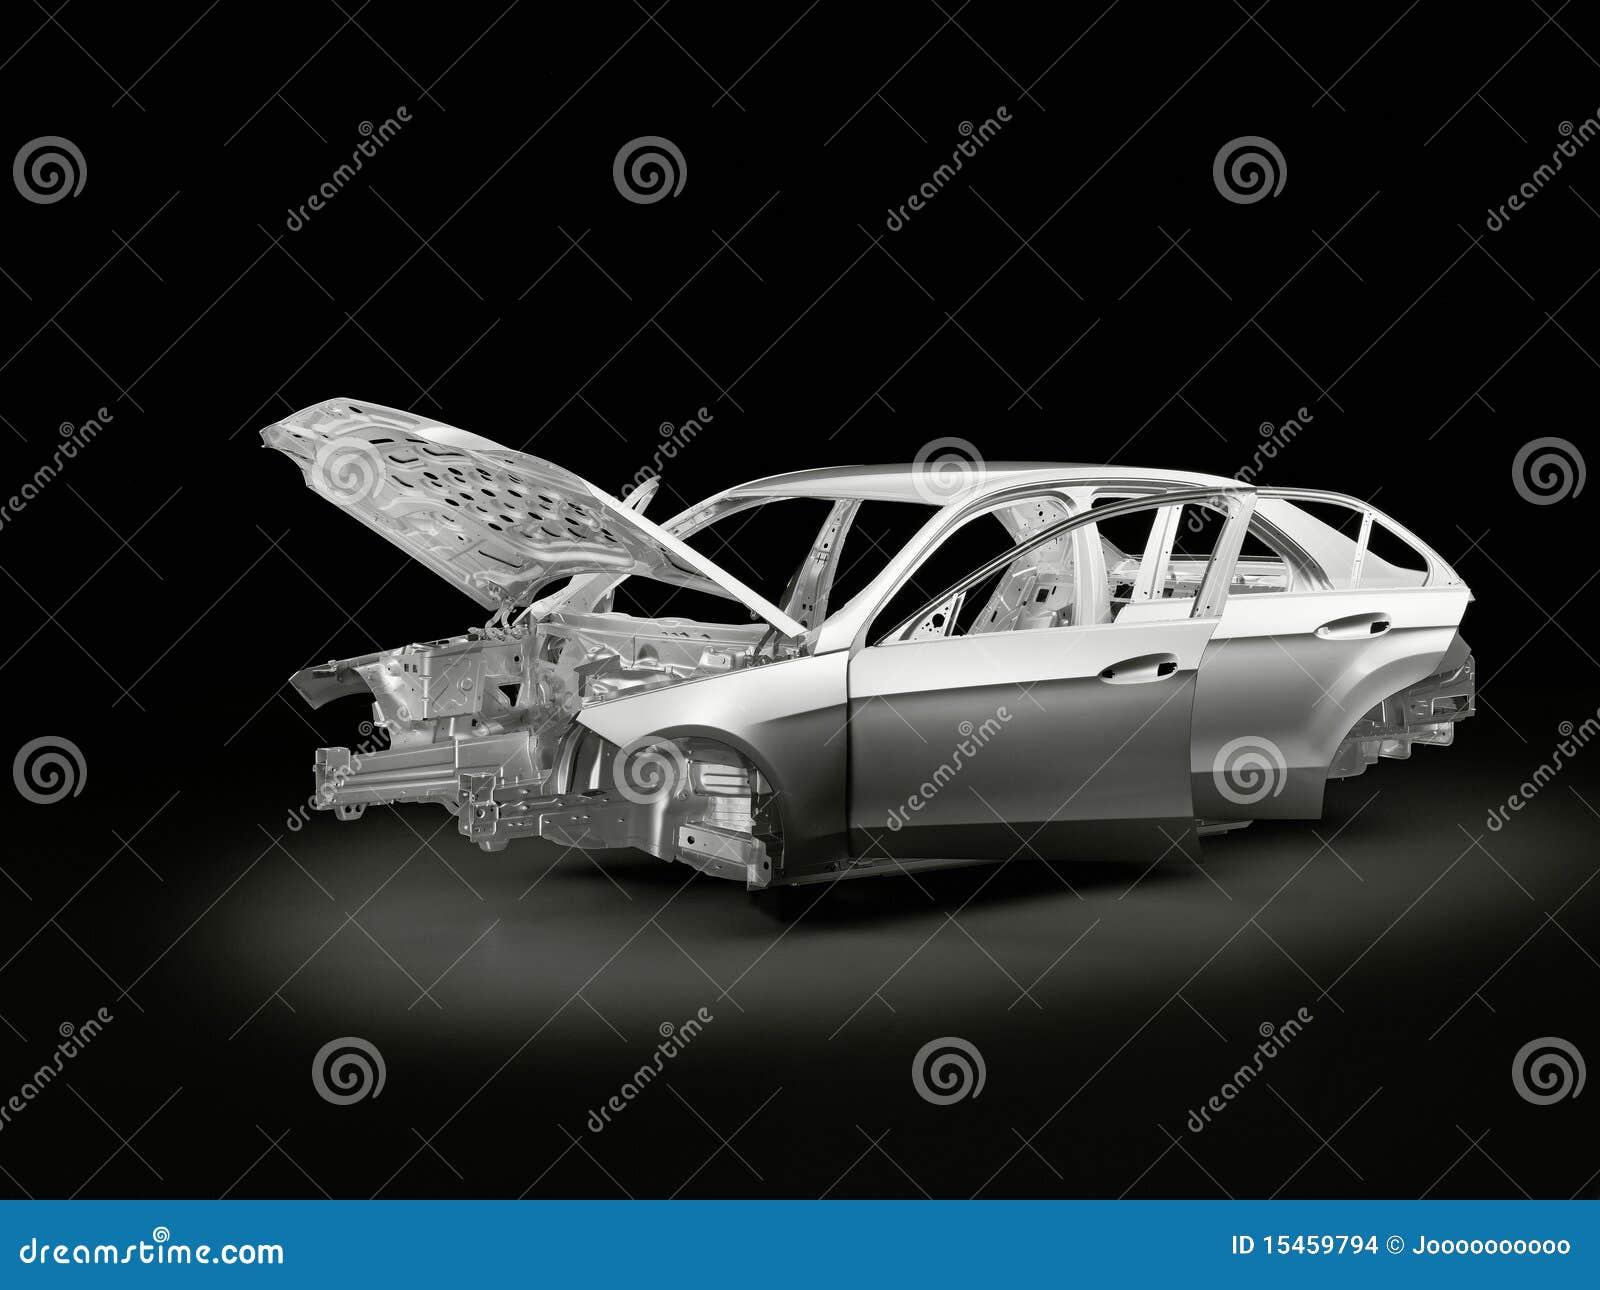 Design of car frame - Car Frame Stock Images